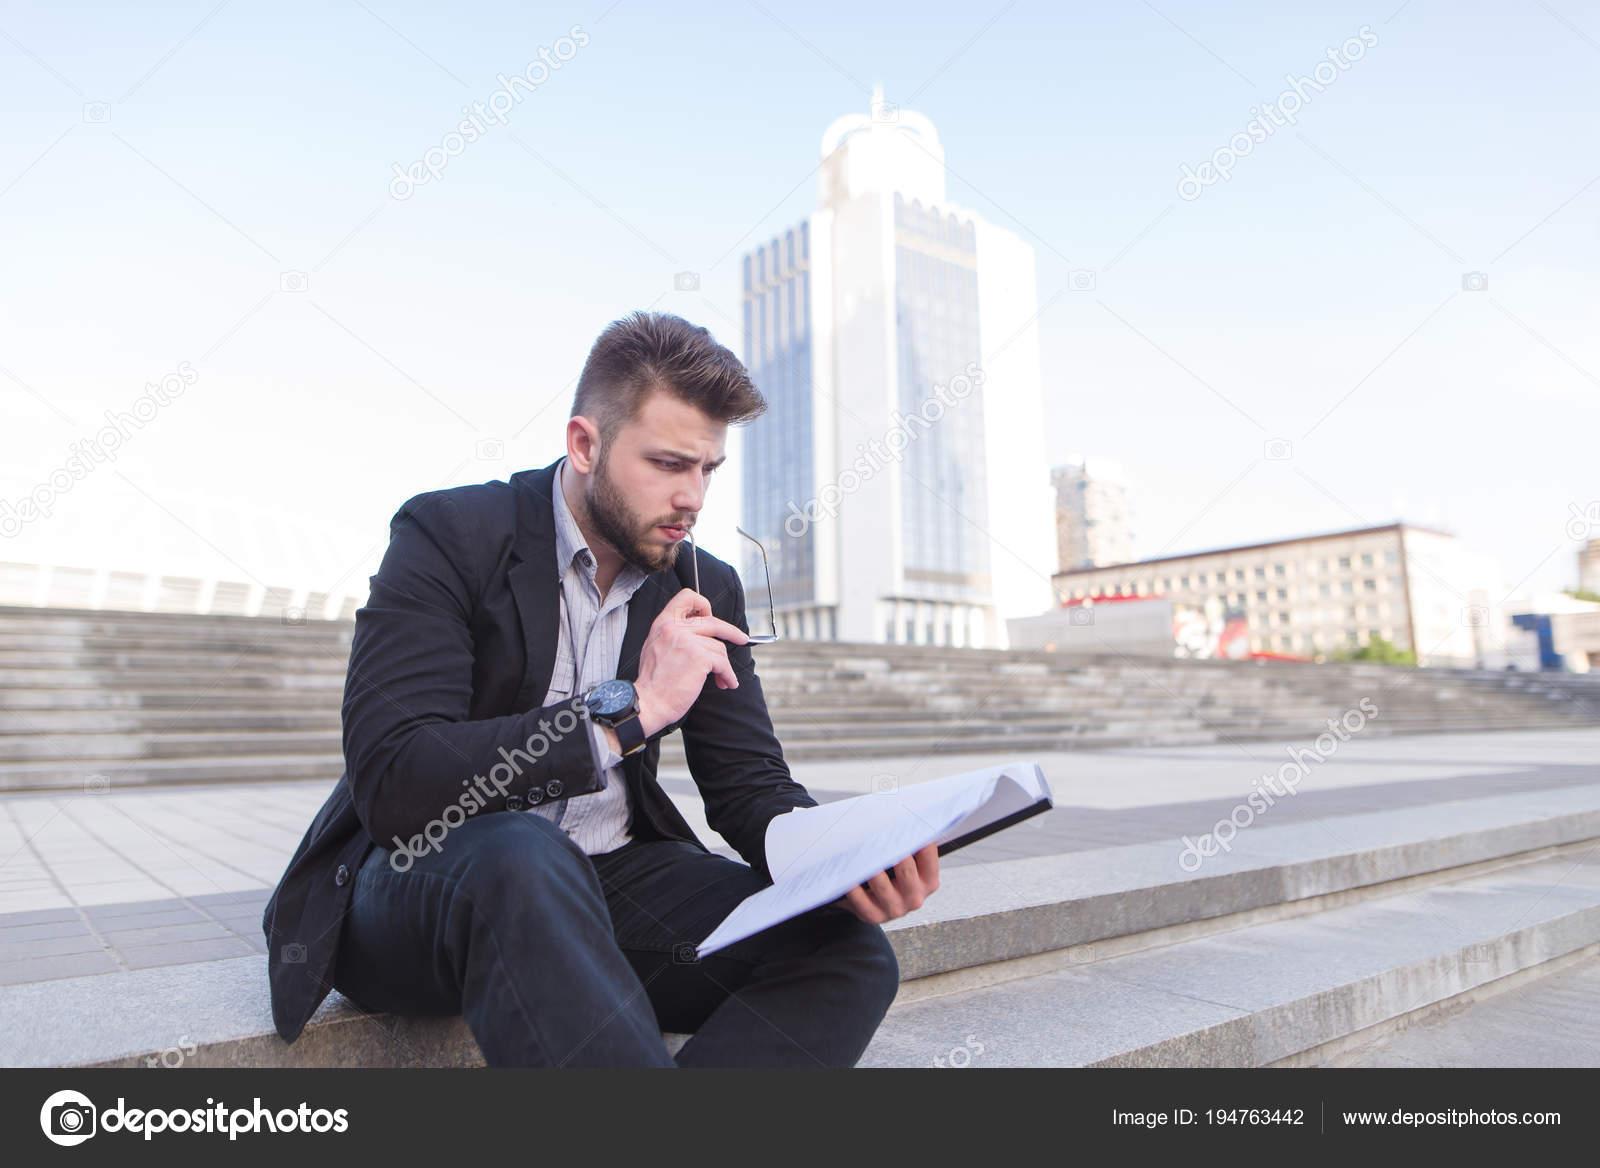 f01202897966 Concentré d homme dans un costume d affaires assis sur les marches et la  lecture des documents qui tient dans ses mains. Un homme d affaires grave  se penche ...